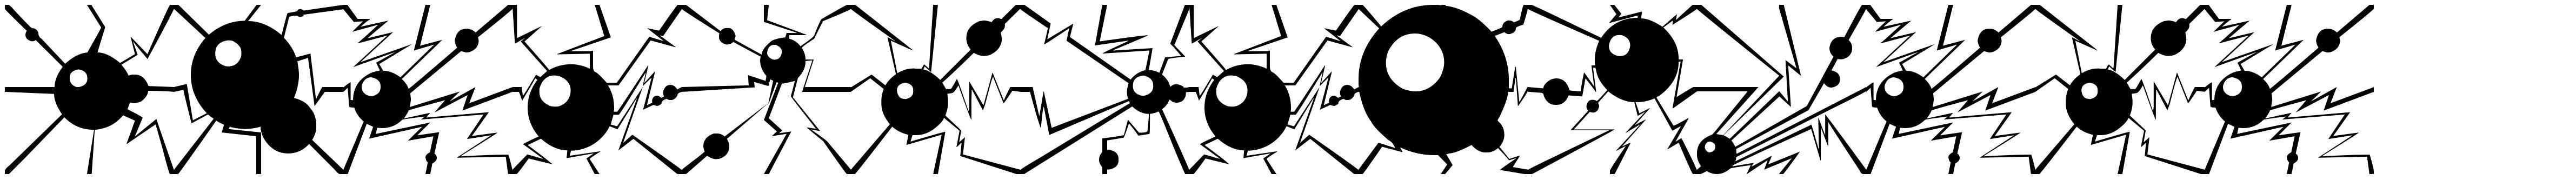 Electricsphere